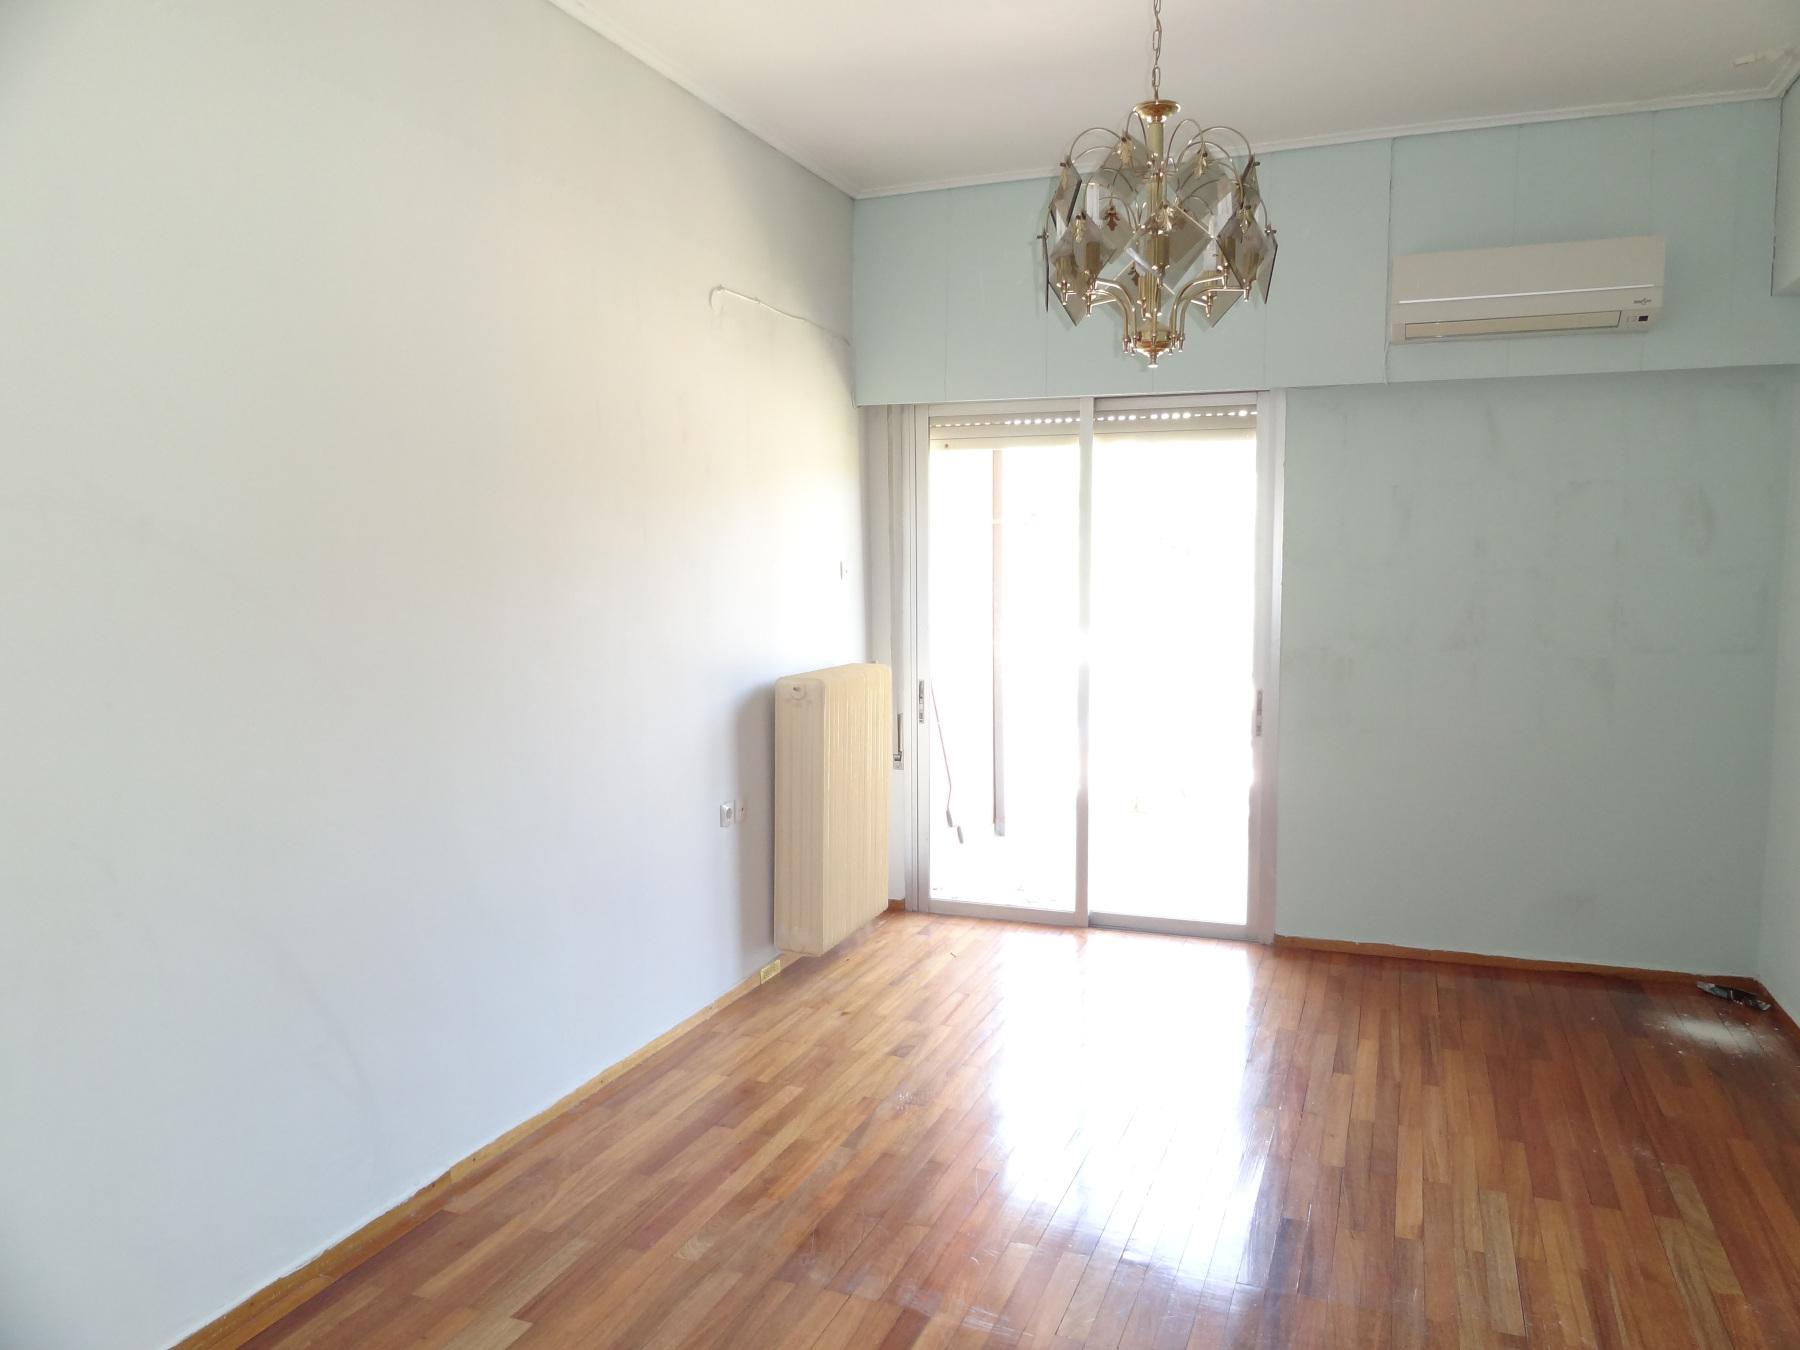 Ενοικιάζεται άνετο 2αρι διαμέρισμα 65 τ.μ. 3ου ορόφου πολύ κοντά στην κεντρική πλατεία Ιωαννίνων